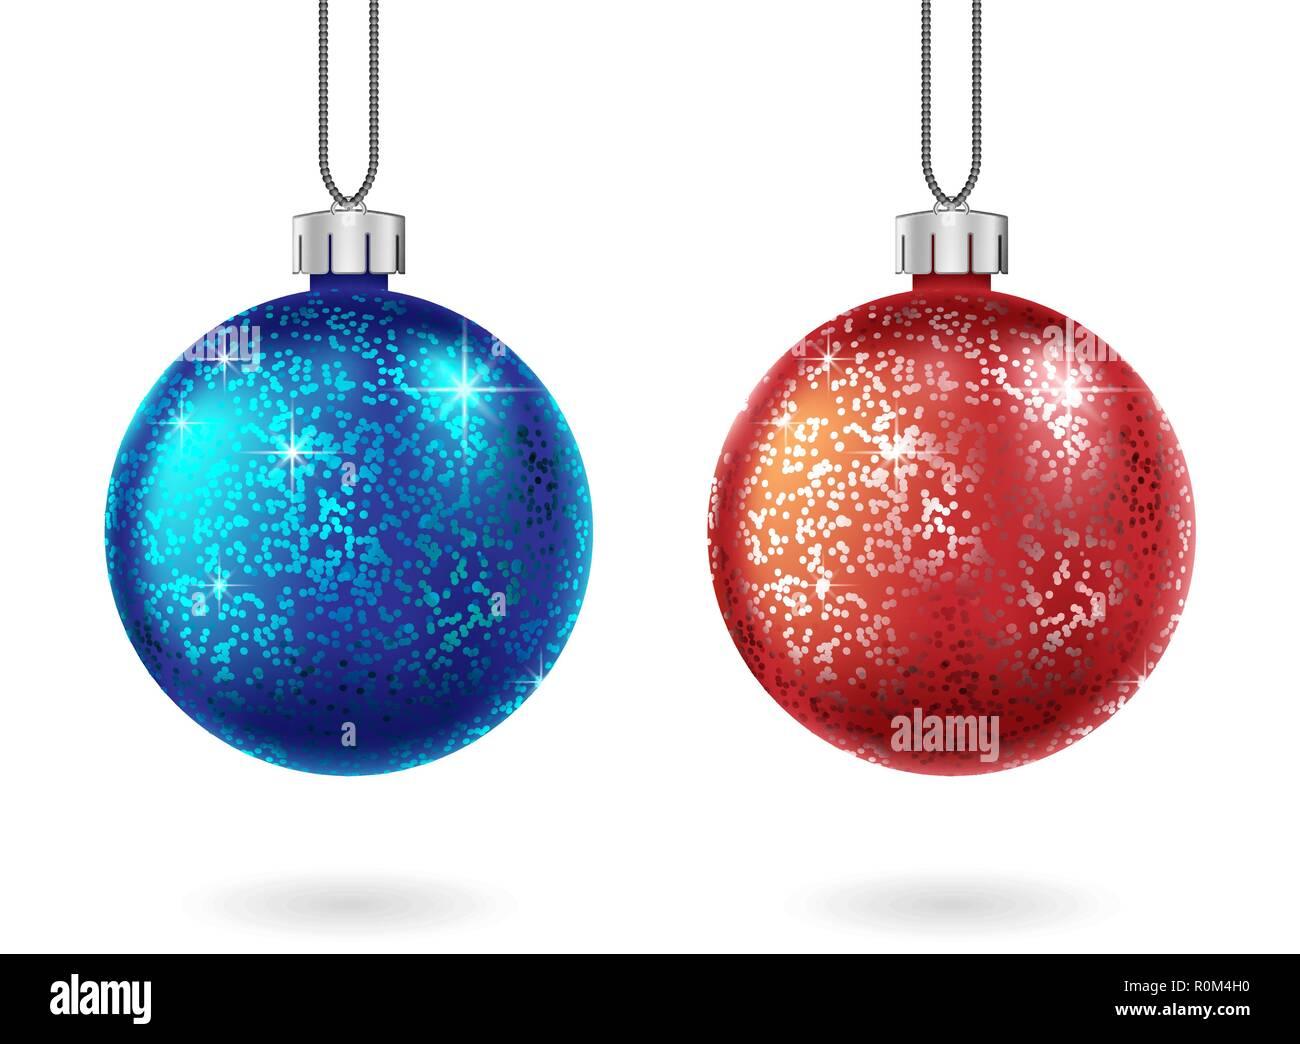 Image Brillante De Noel.Ensemble De Noel Brillante Boule Rouge Et Bleu Isole